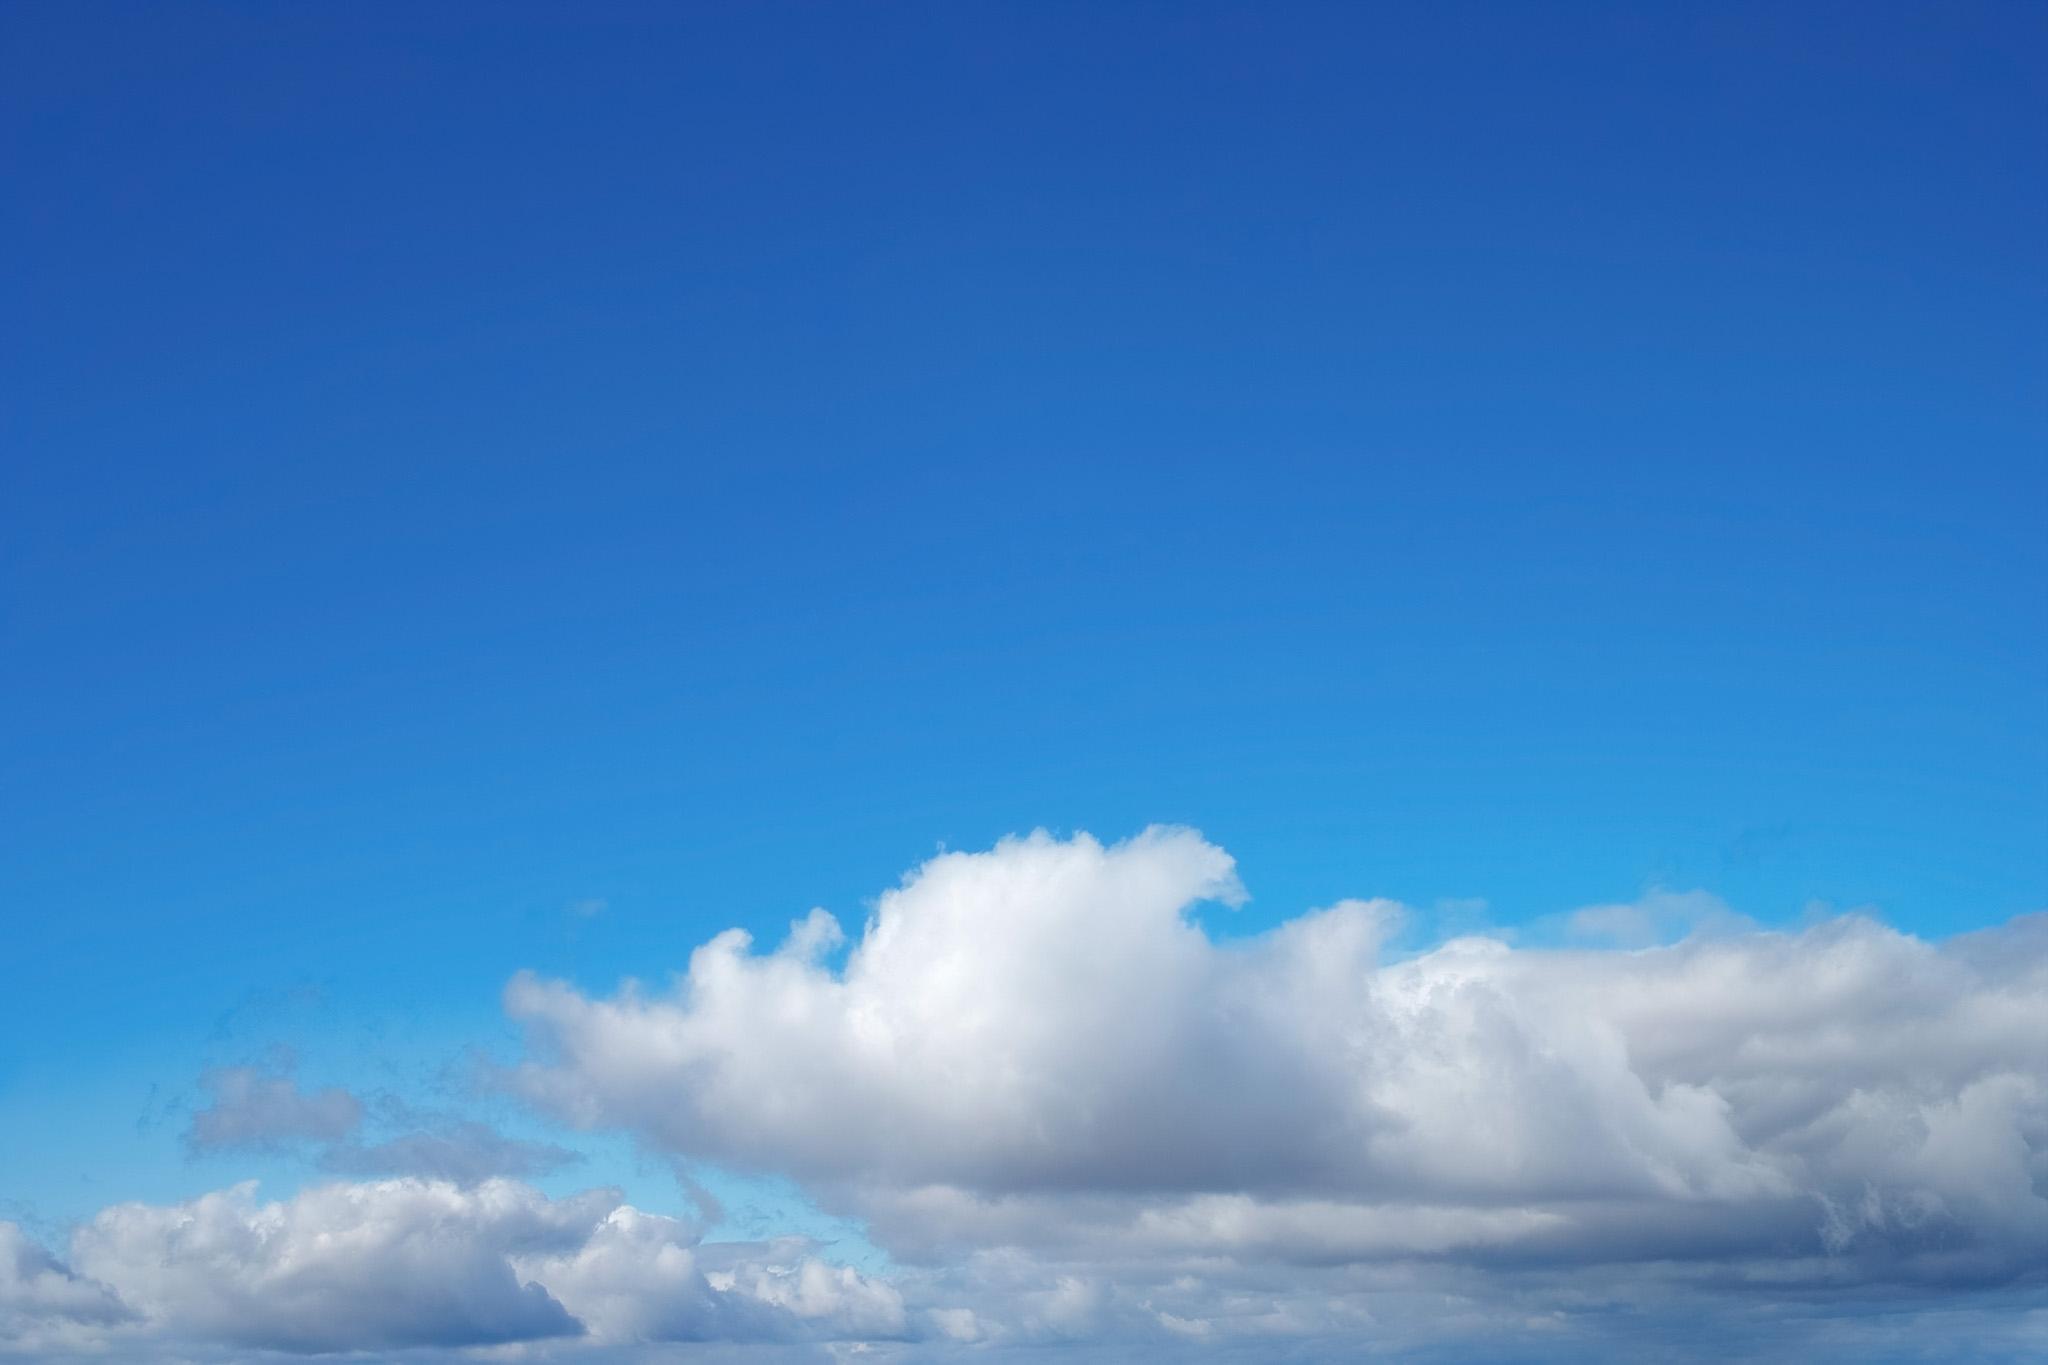 「紺碧の青空の下の大きな雲」の写真素材を無料ダウンロード